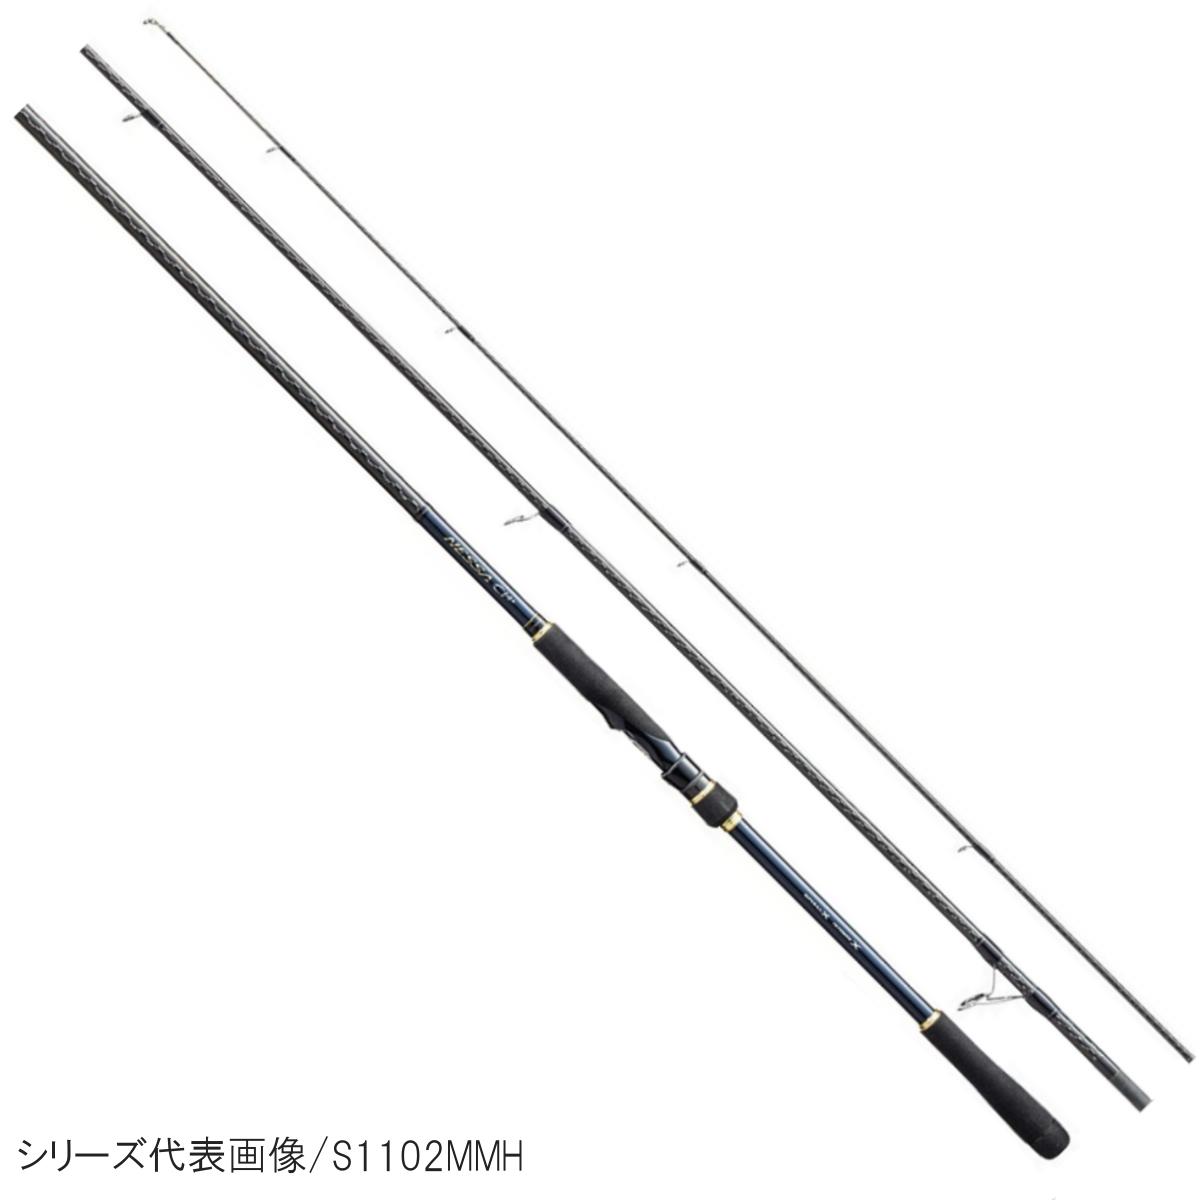 シマノ ネッサ CI4+ S1008MMH(東日本店)